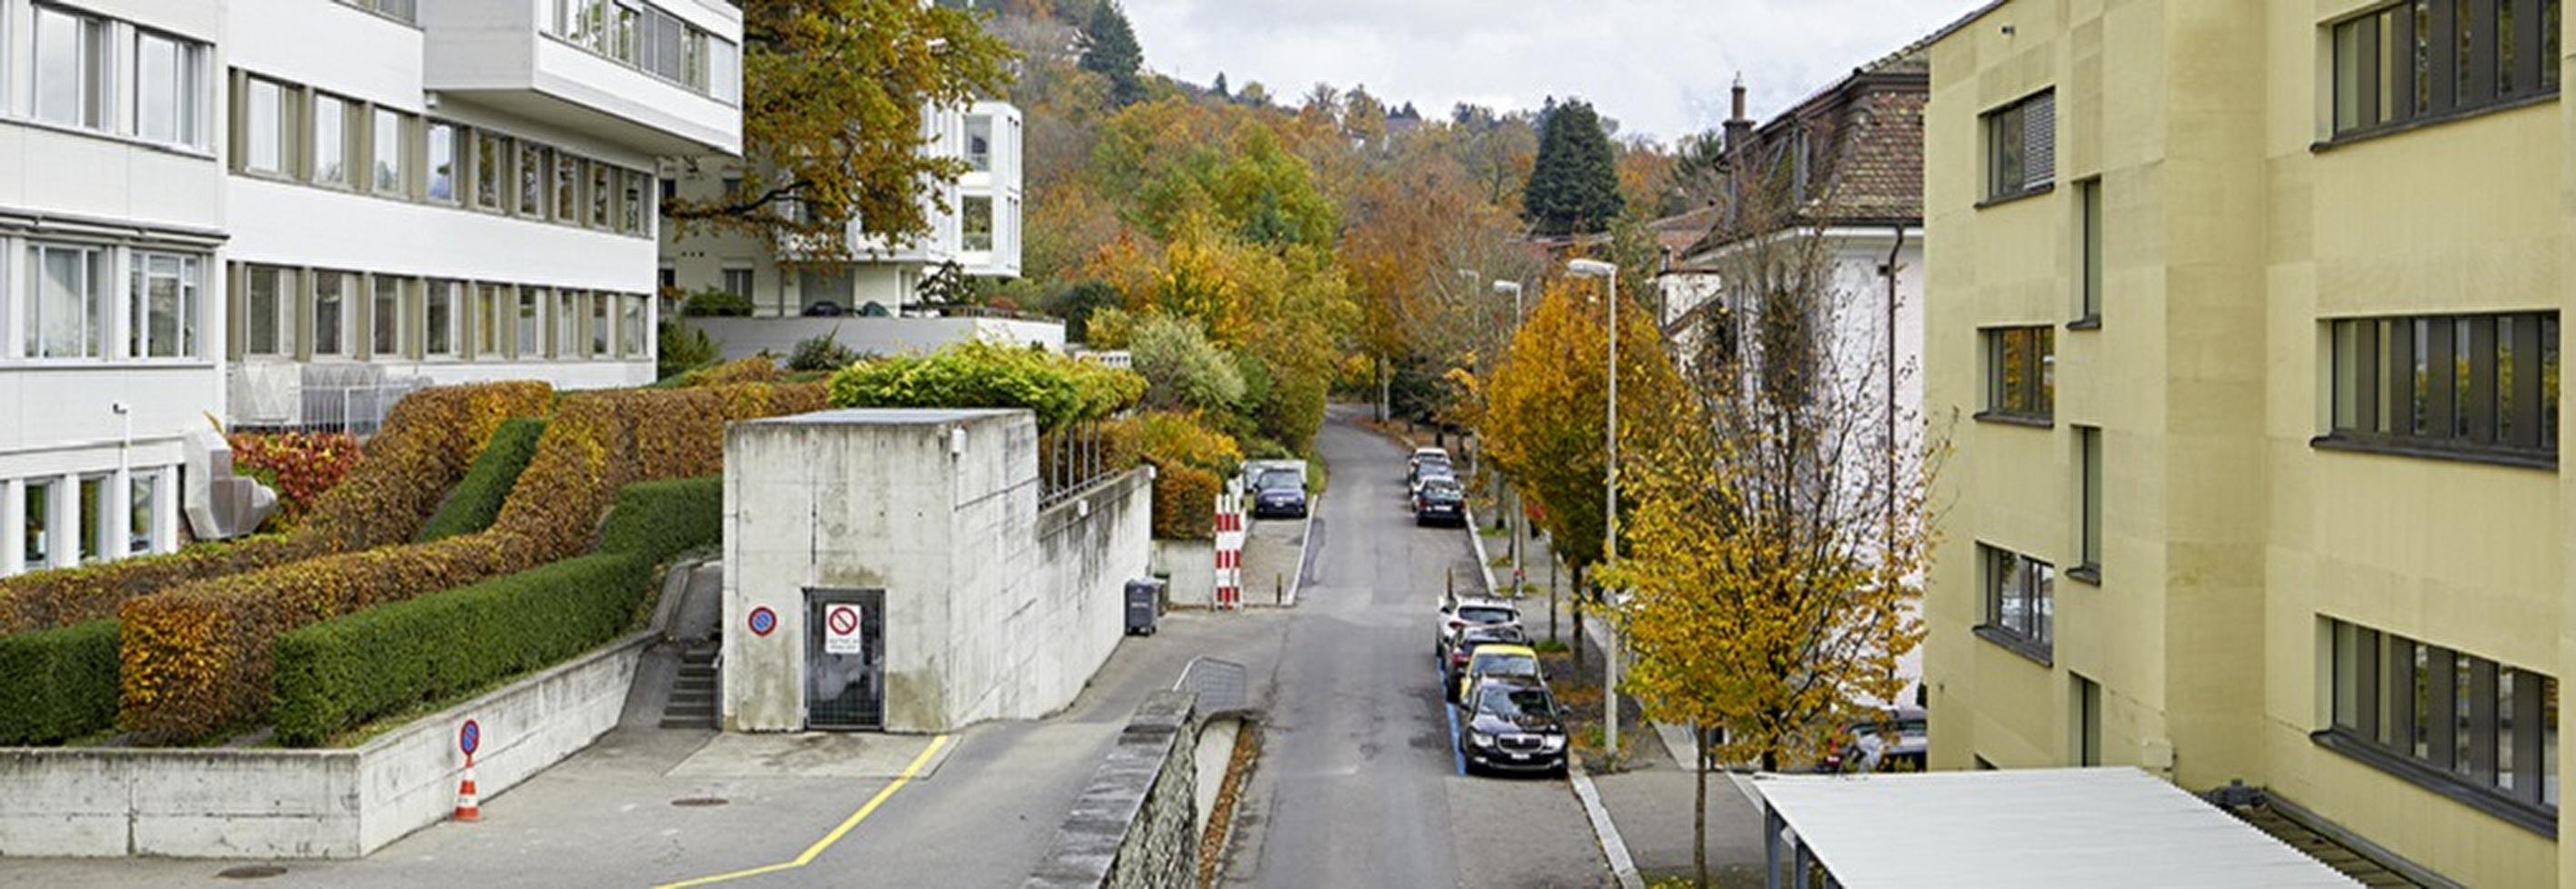 Übersicht Rigistrasse